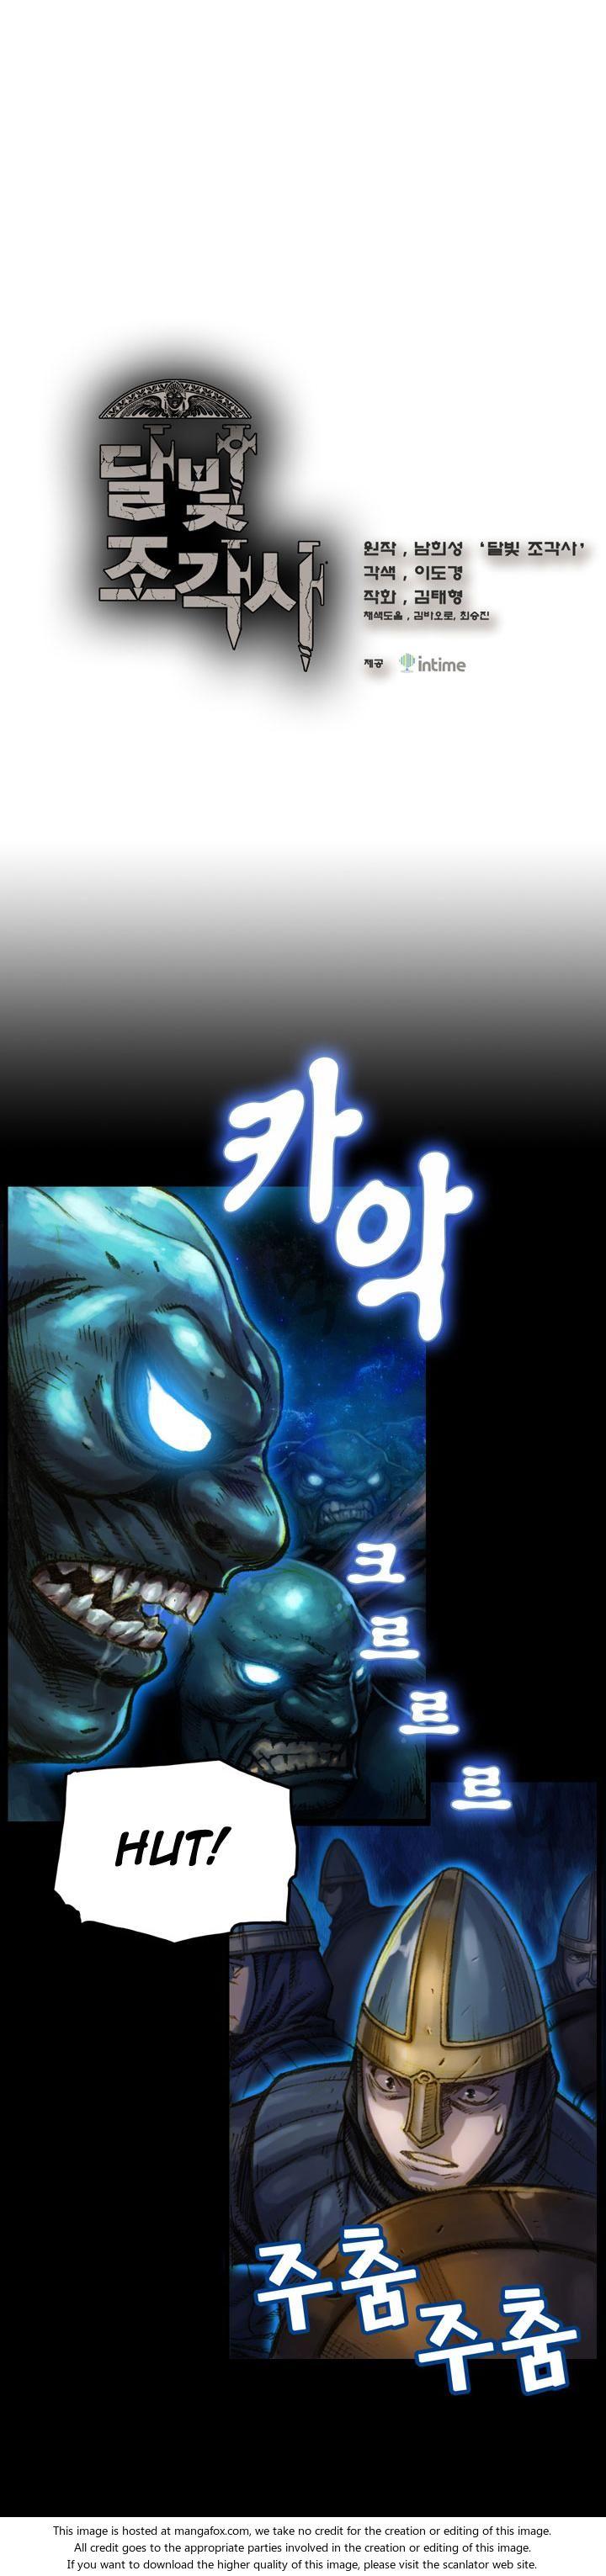 The Legendary Moonlight Sculptor 18 at MangaFox